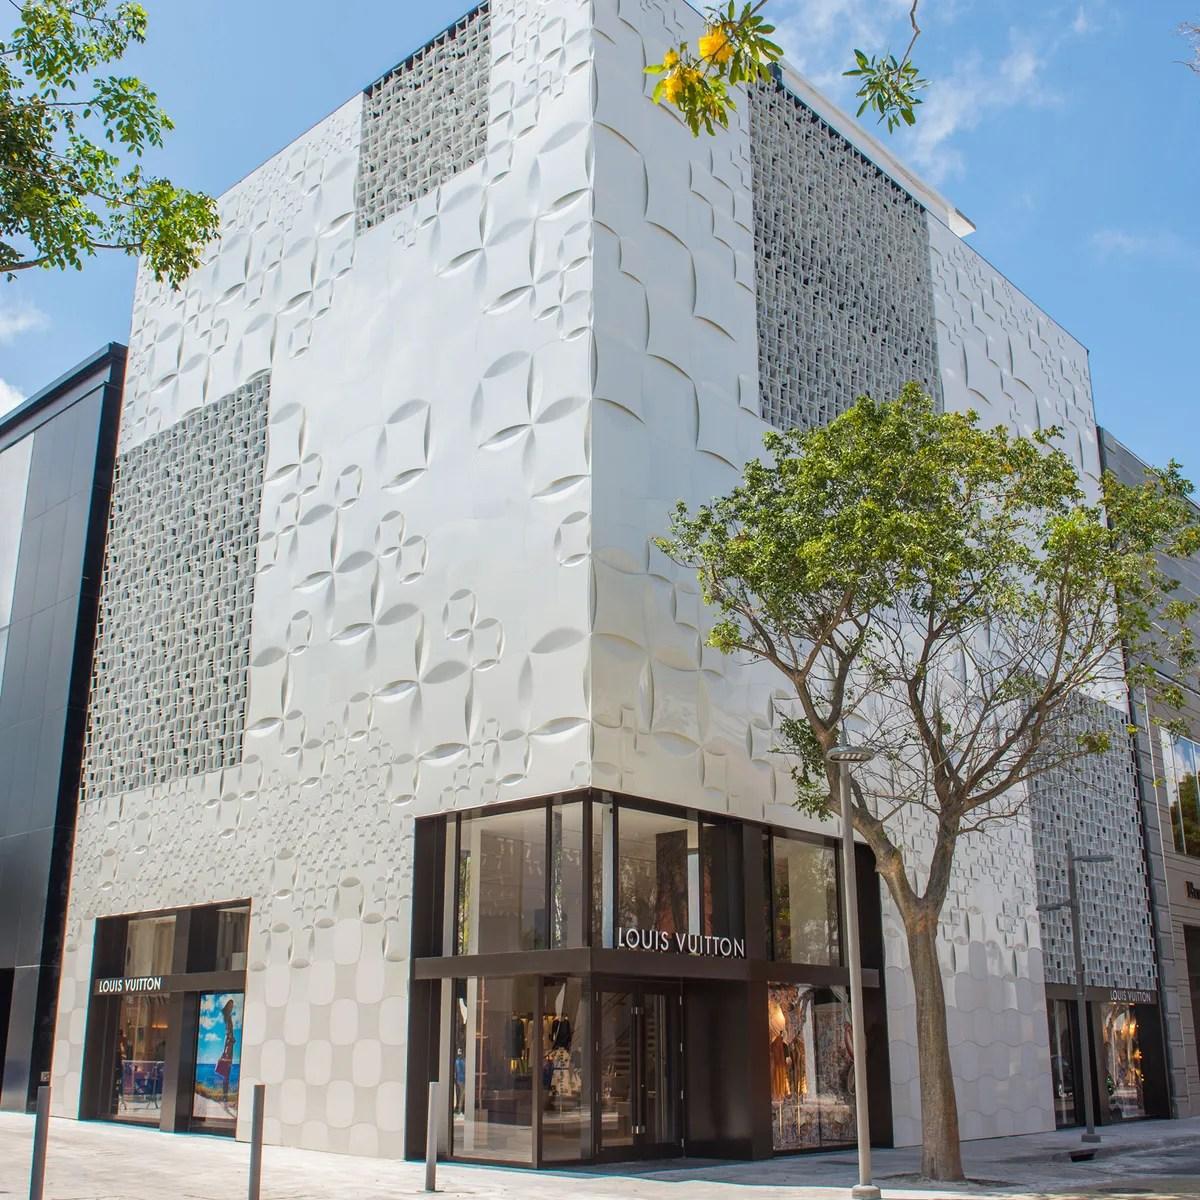 Louis Vuitton Miami Design District Miami FL USA Shop